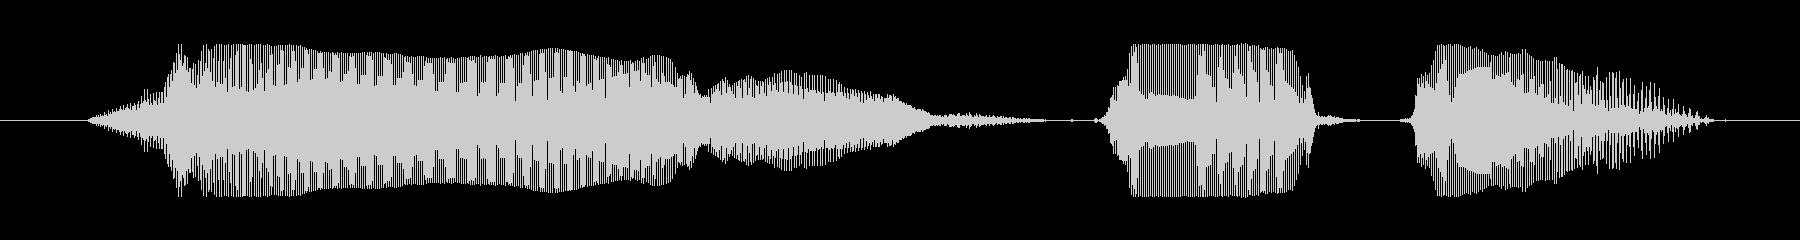 よーいスタート(子供の声)の未再生の波形